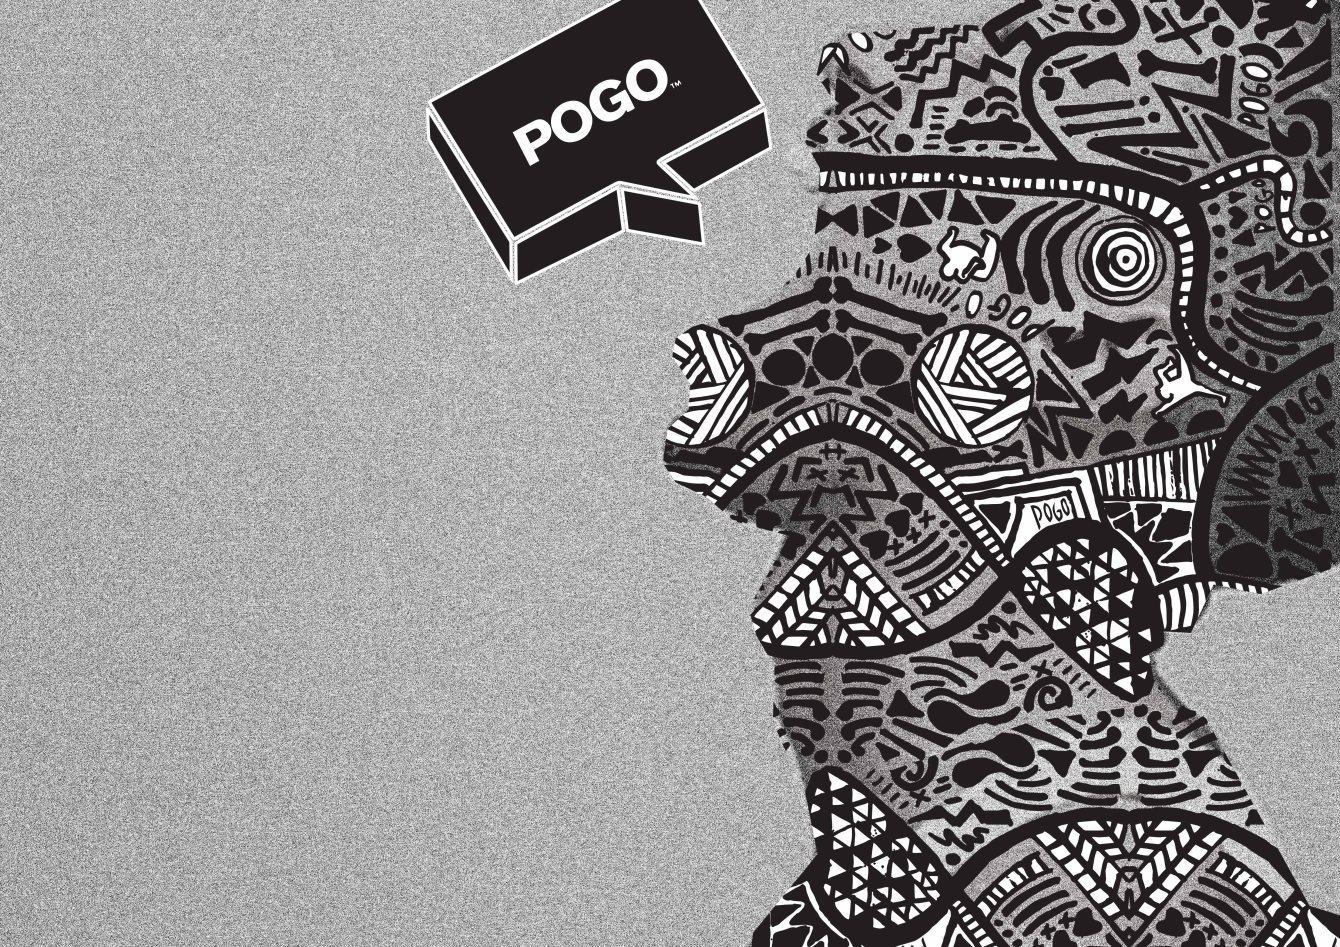 Subject at Pogo - Omar S & DJ Skirt - Flyer front